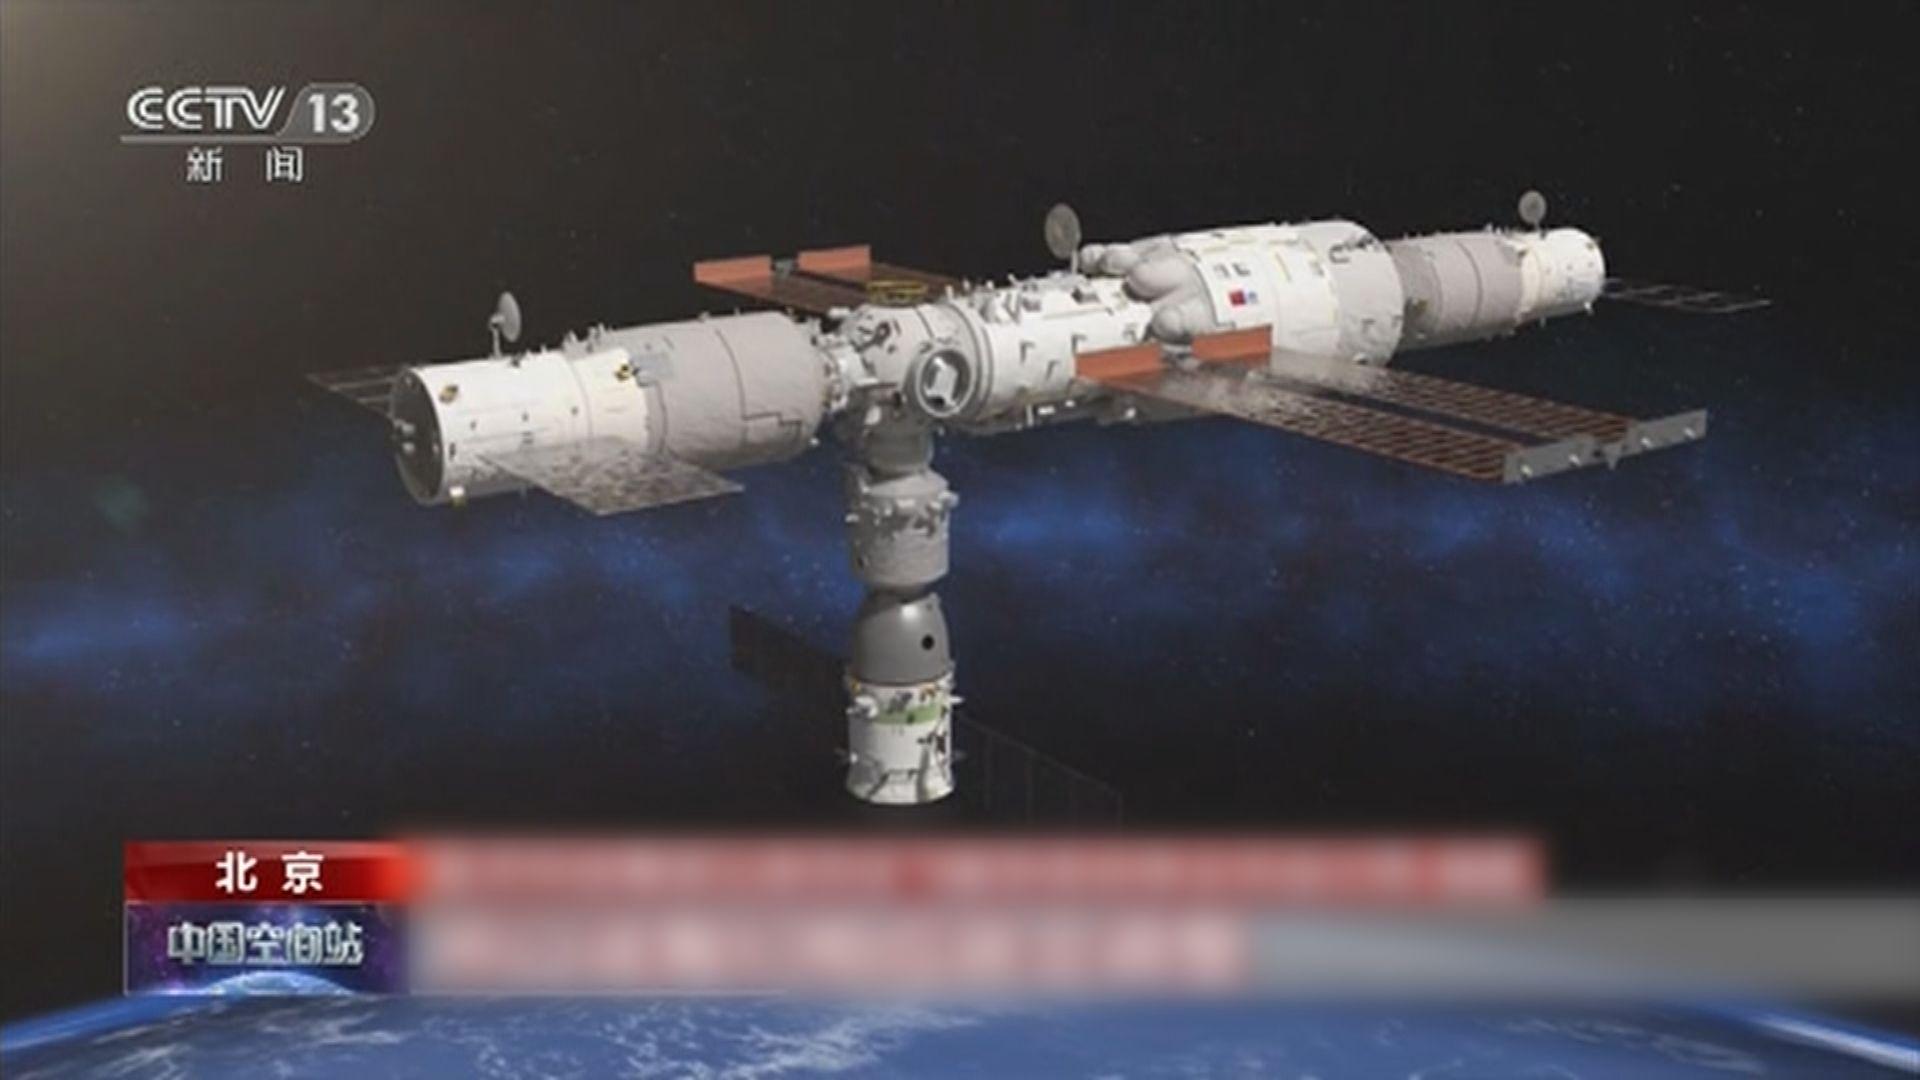 天舟三號飛船晚上成功與天和核心艙對接